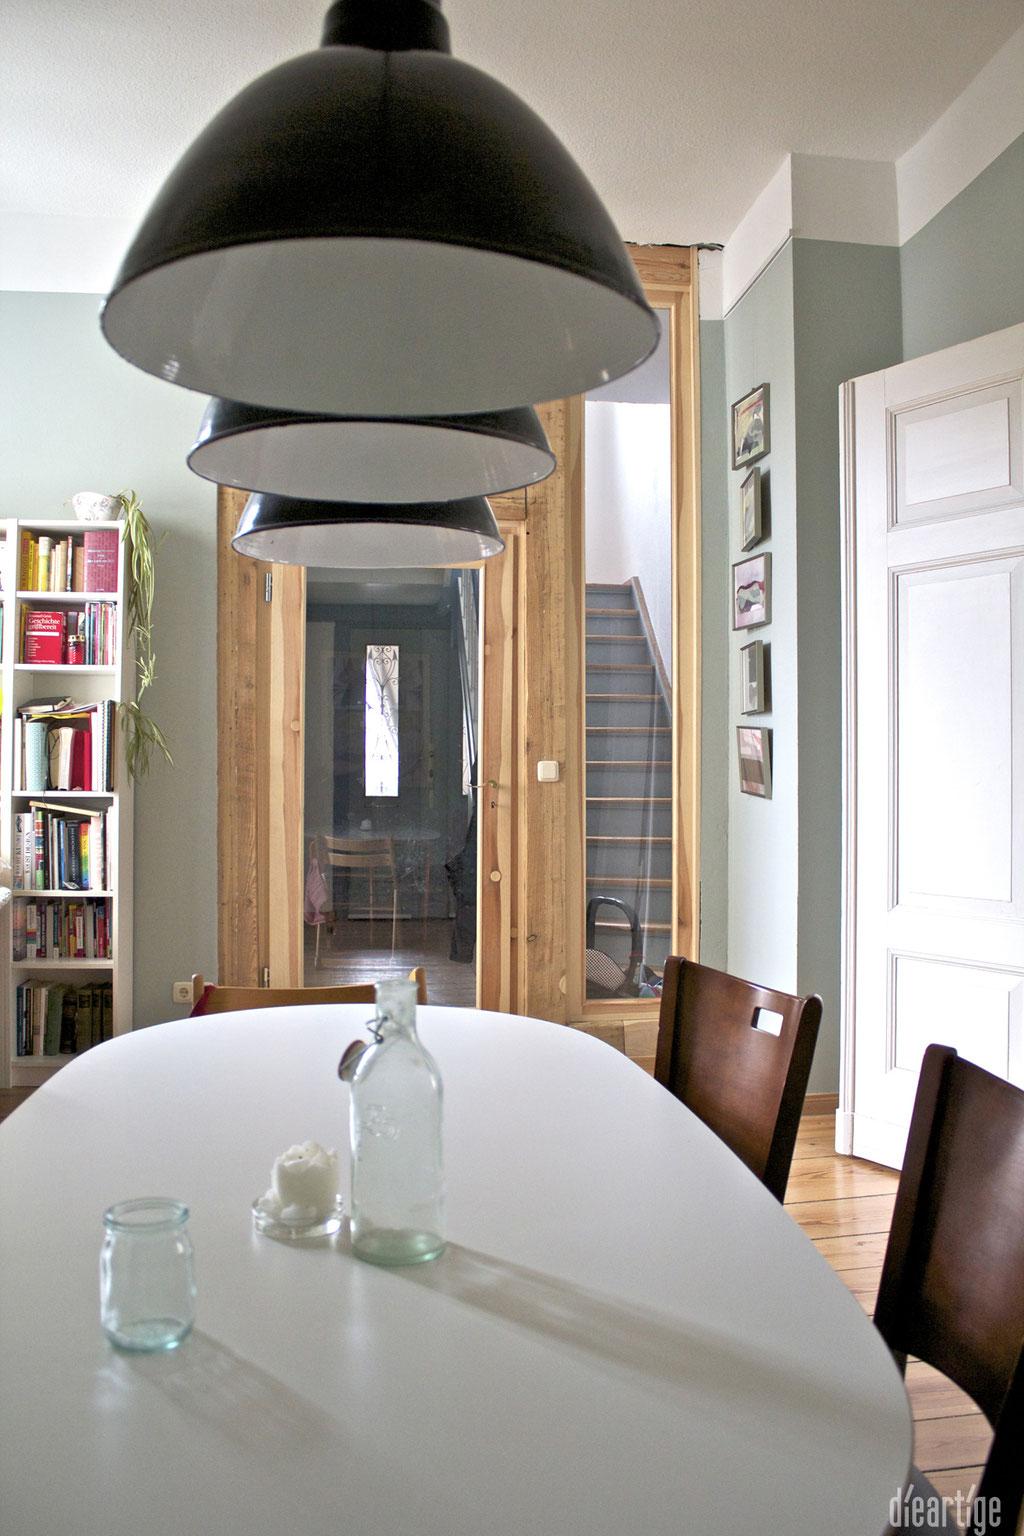 dieartige -Gestaltung | EssZi // Fam. F. | Esstisch mit Durchblick, Holzrahmentür mit integriertem alten Balken, schwarze Industrieleuchten